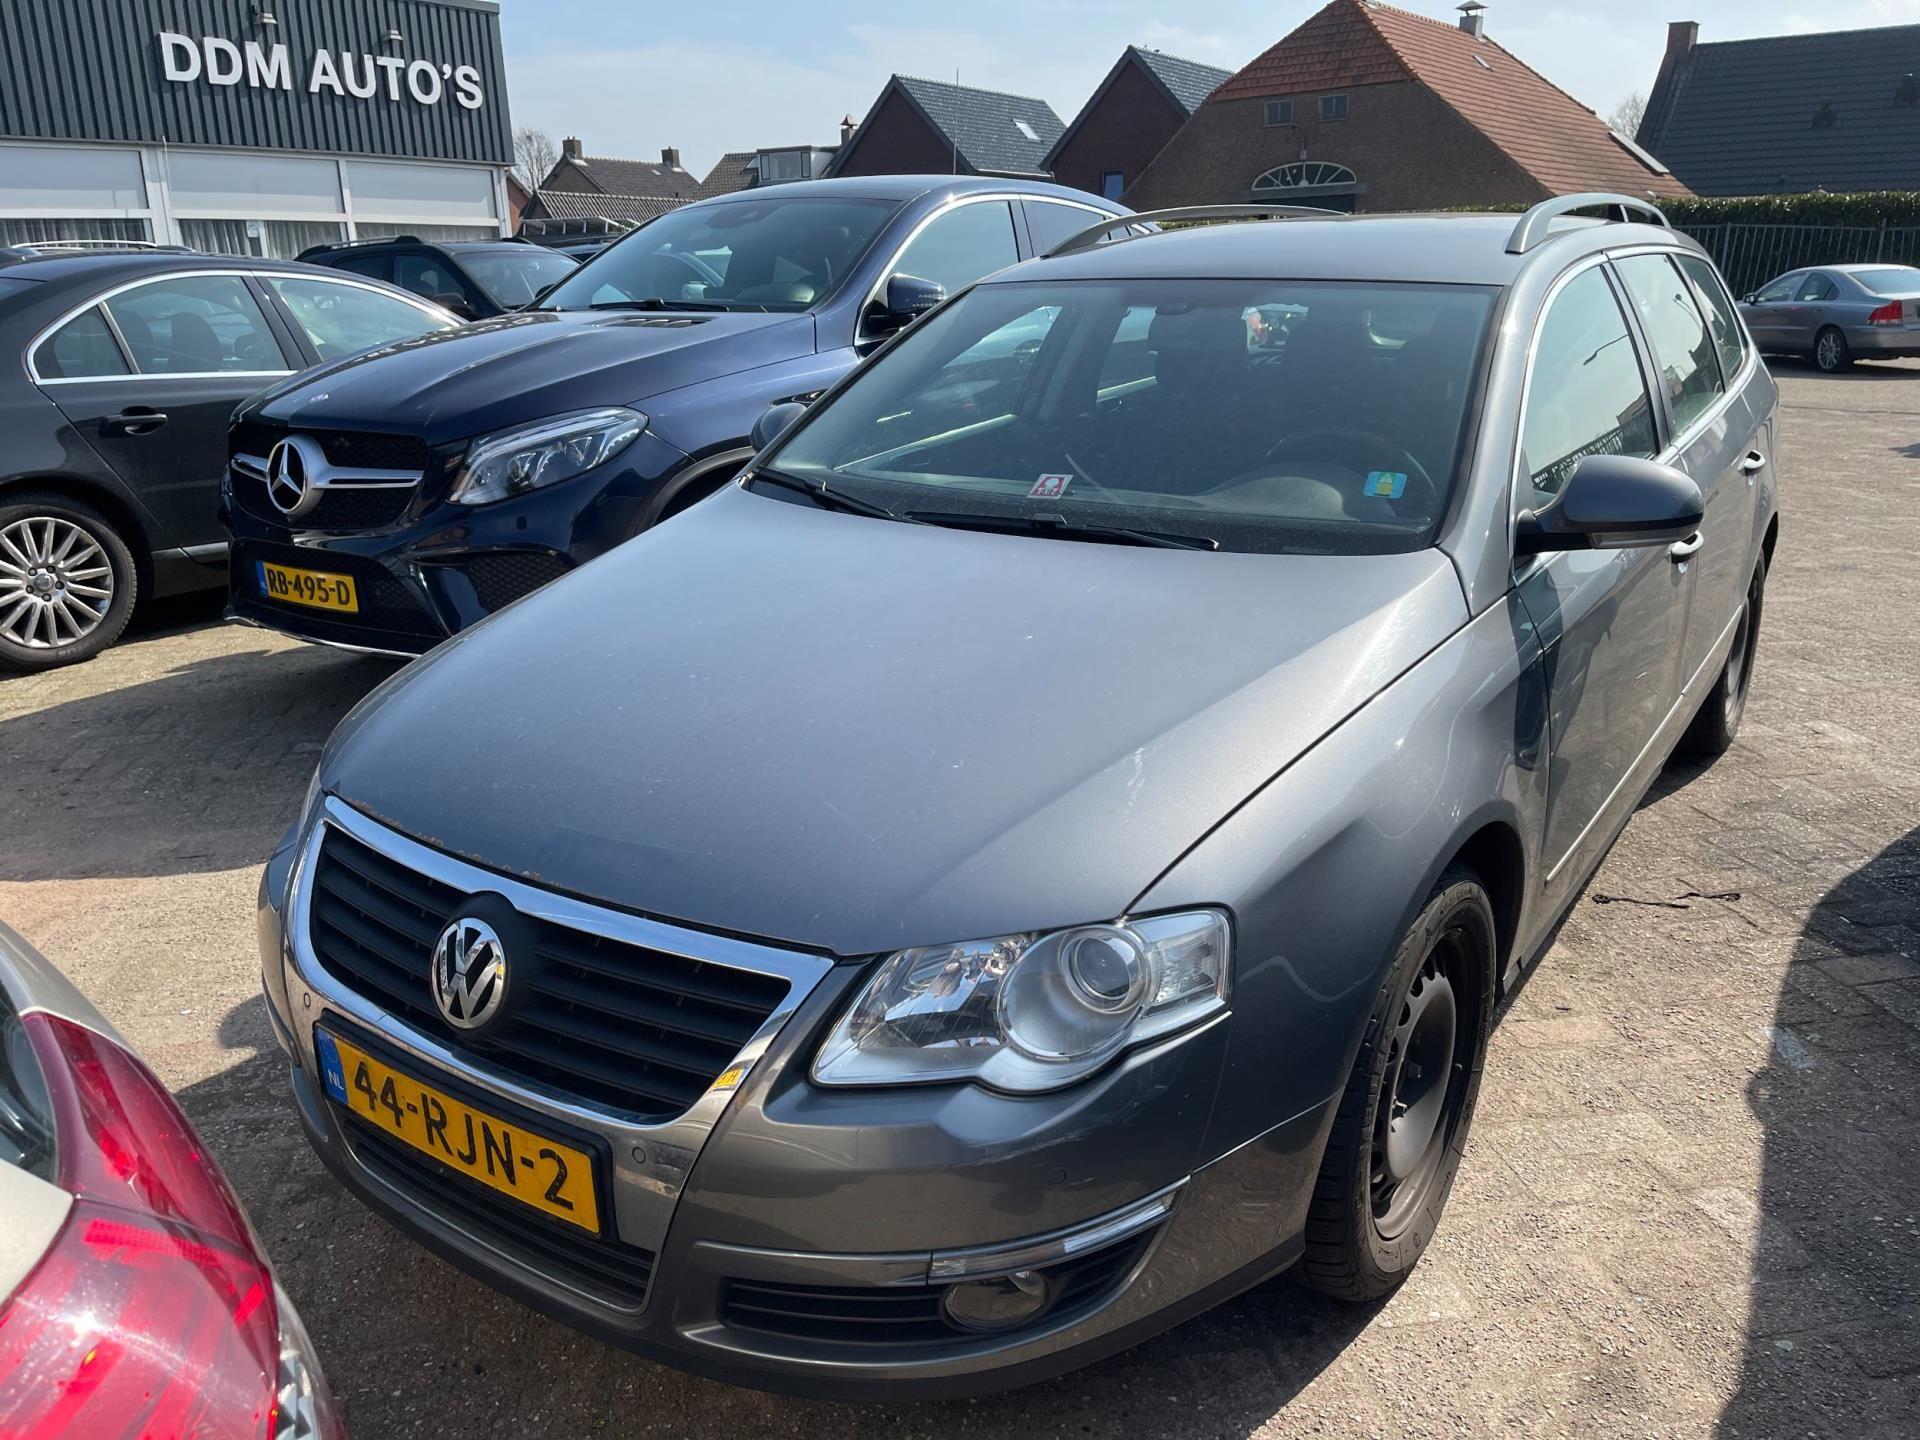 Volkswagen Passat Variant occasion - DDM Export B.V.